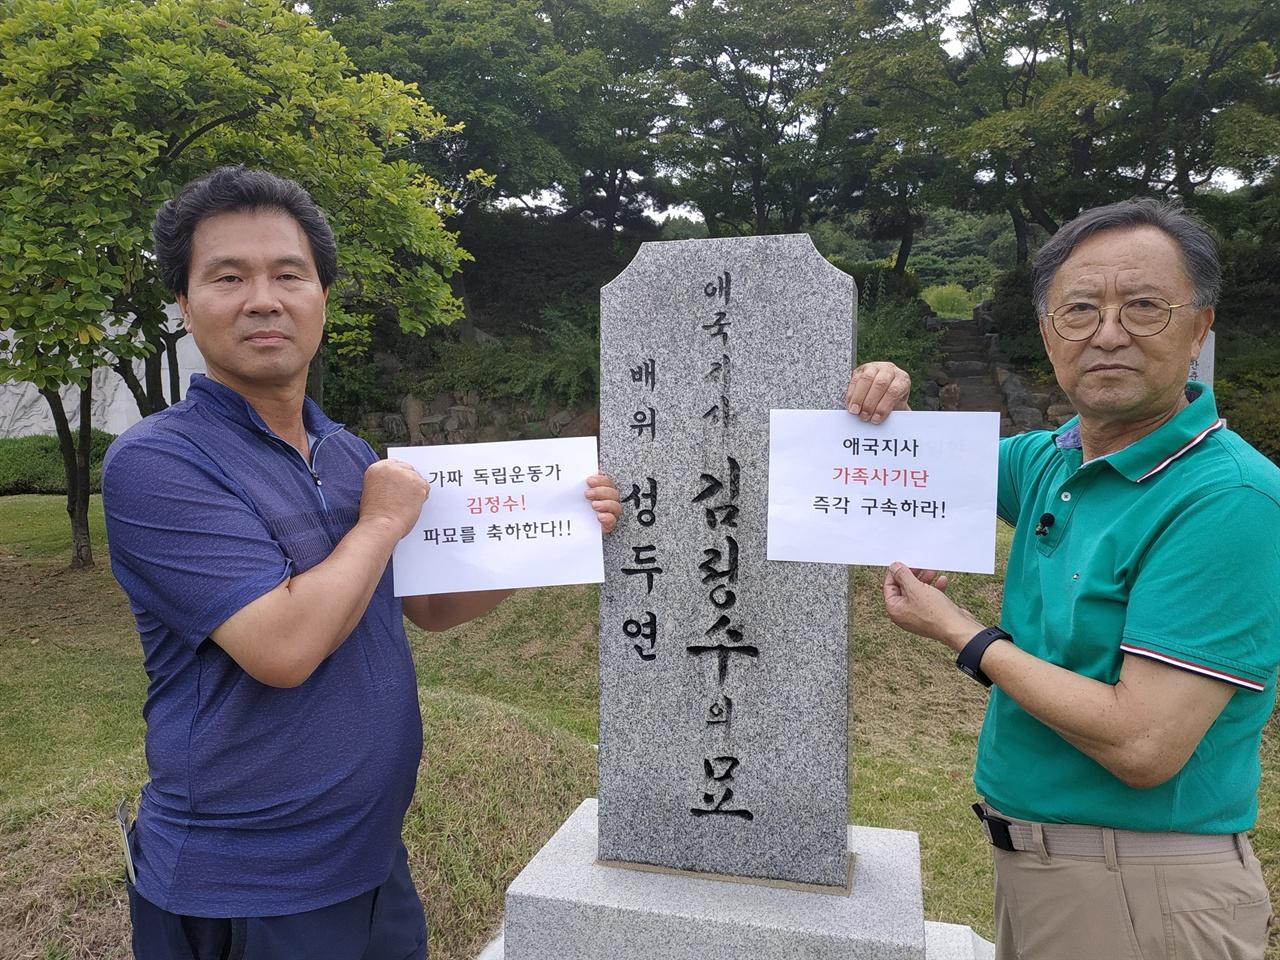 가짜 독립운동가 김정수의 묘 앞 파묘 캠페인 독립운동가 김진성의 아들 김세걸(오른쪽)은 가짜 독립운동가 김정수와 그 집안의 독립유공자 사기사건을 밝혀낸 인물이다.(왼쪽은 필자) 하지만 가짜 독립운동가 김정수의 묘는 지금도 현충원 애국지사묘역에 그대로 있다.